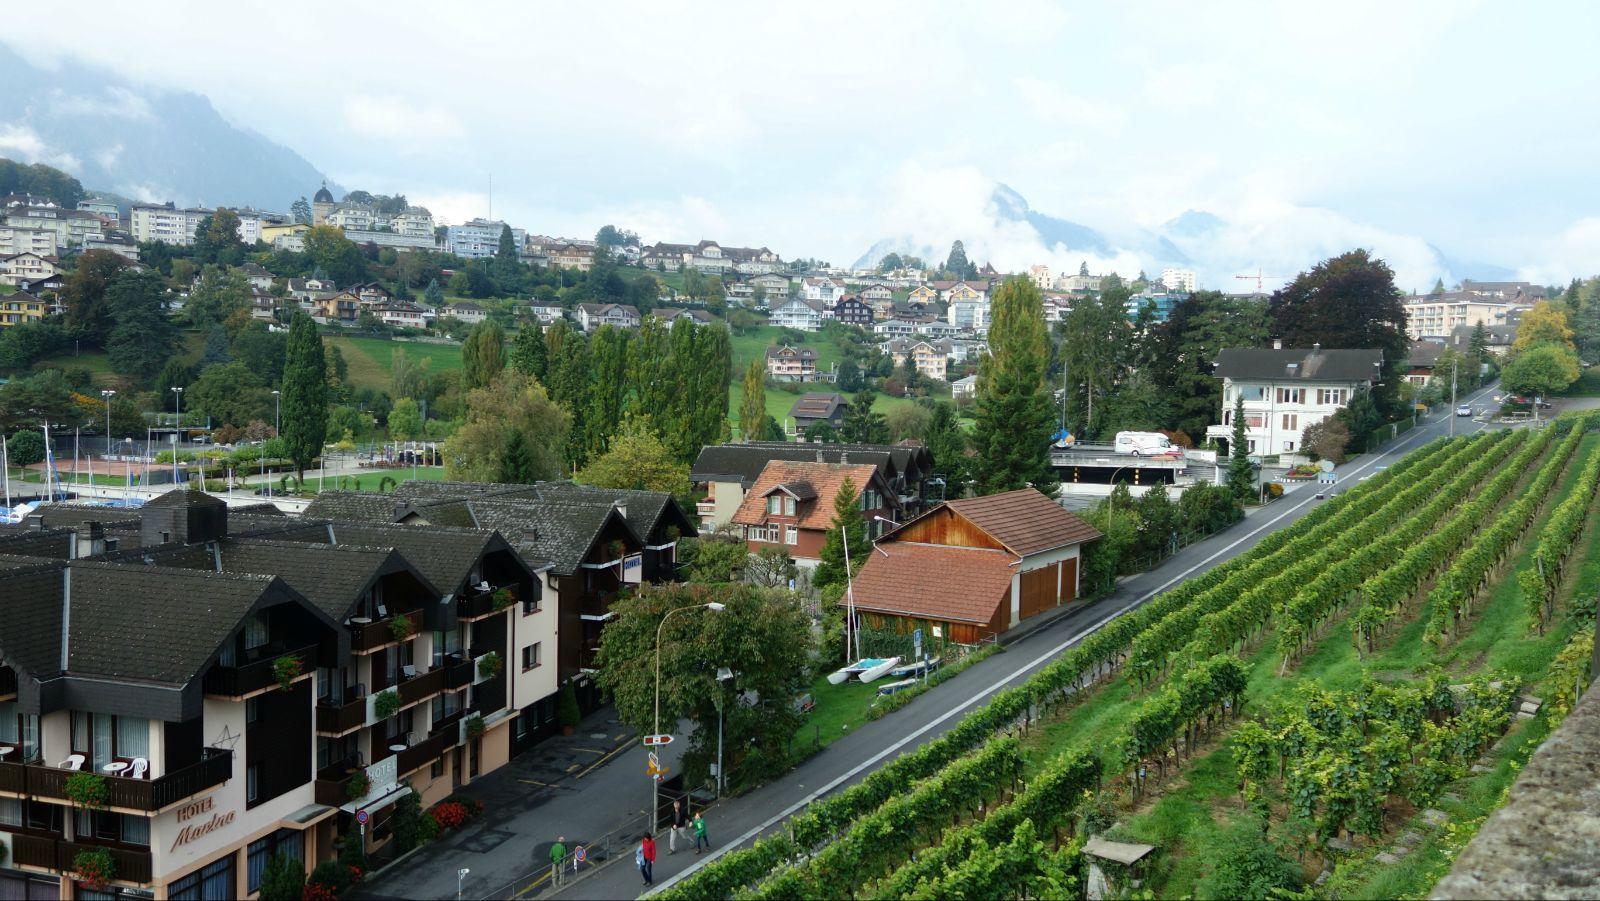 典型的欧洲田园小镇,没什么特别的,本来想打三星,但是施皮茨古堡很